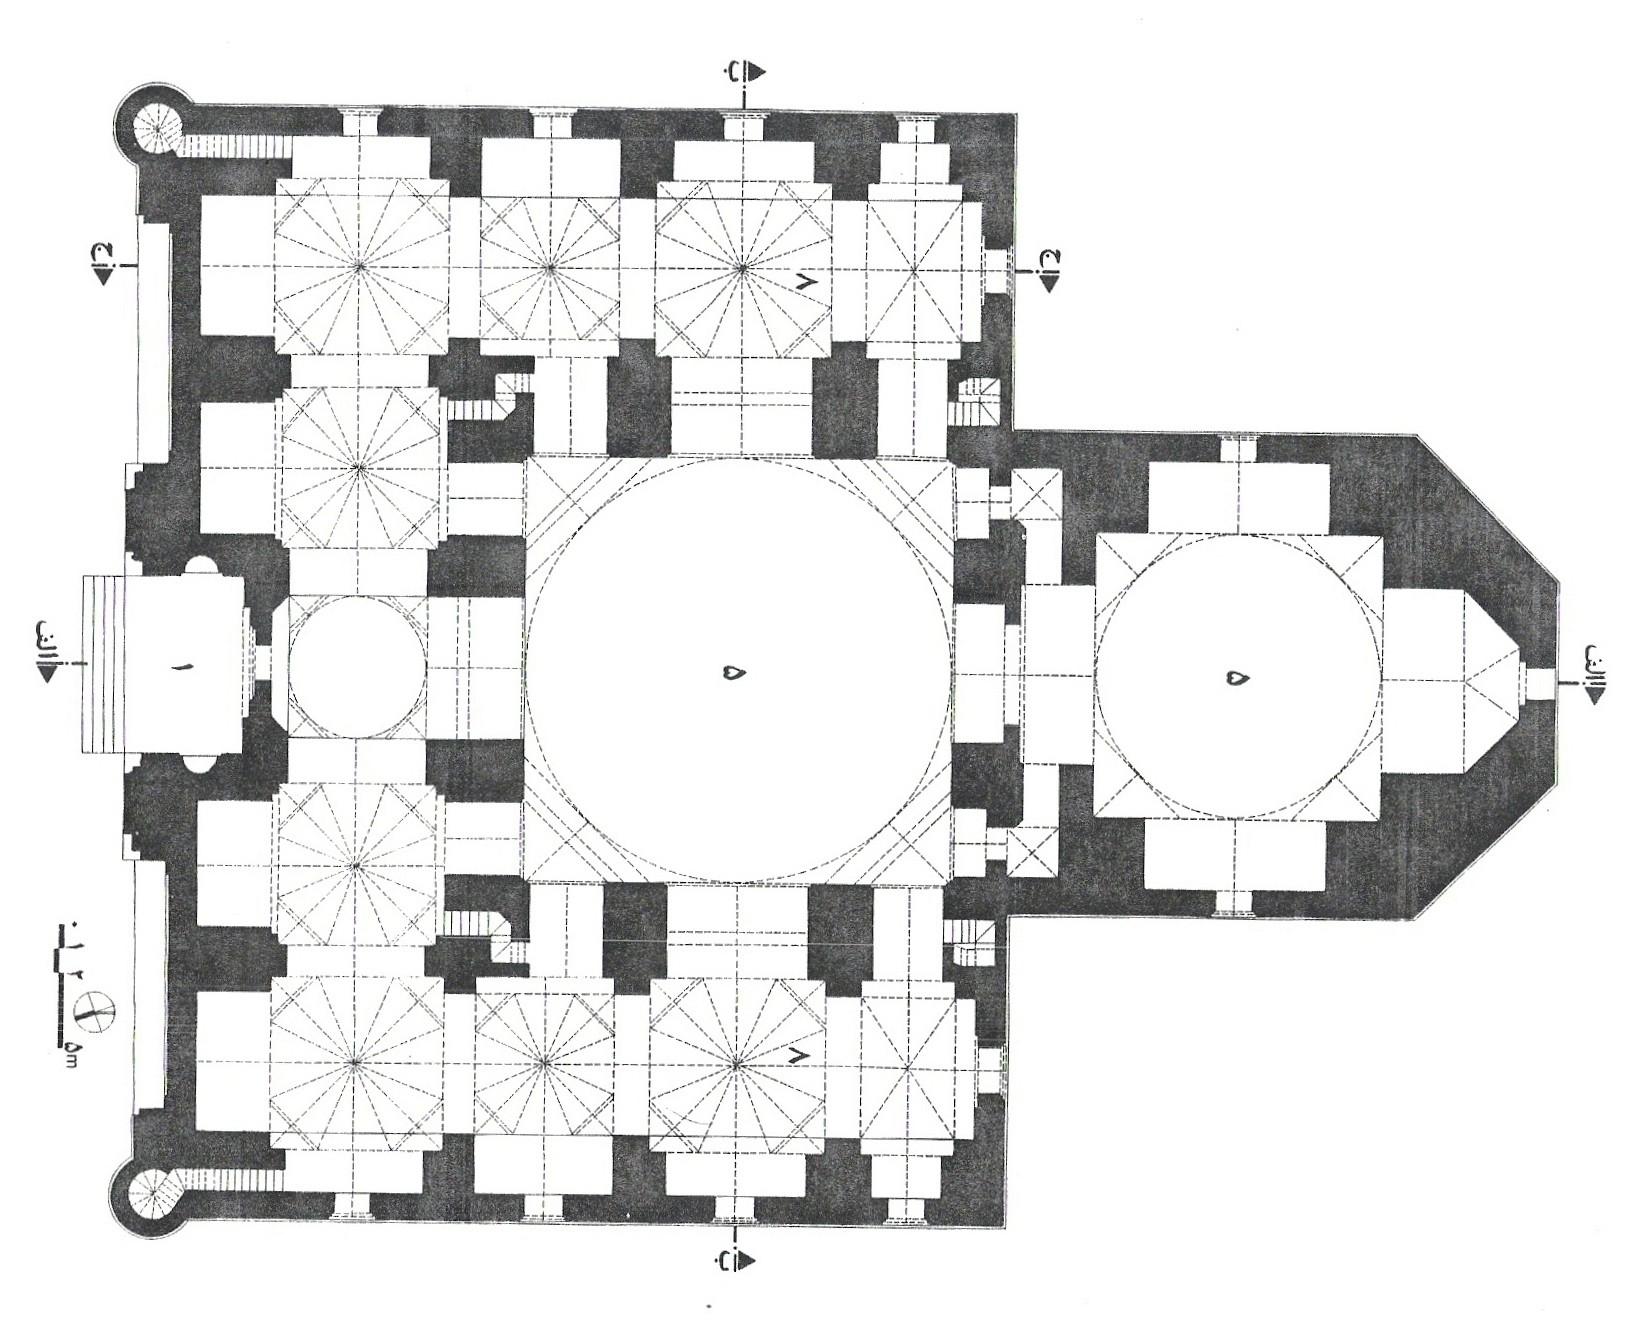 پلان مسجد کبود تبریز,نقشه مسجد کبود تبریز,نقشه های مسجد کبود تبریز